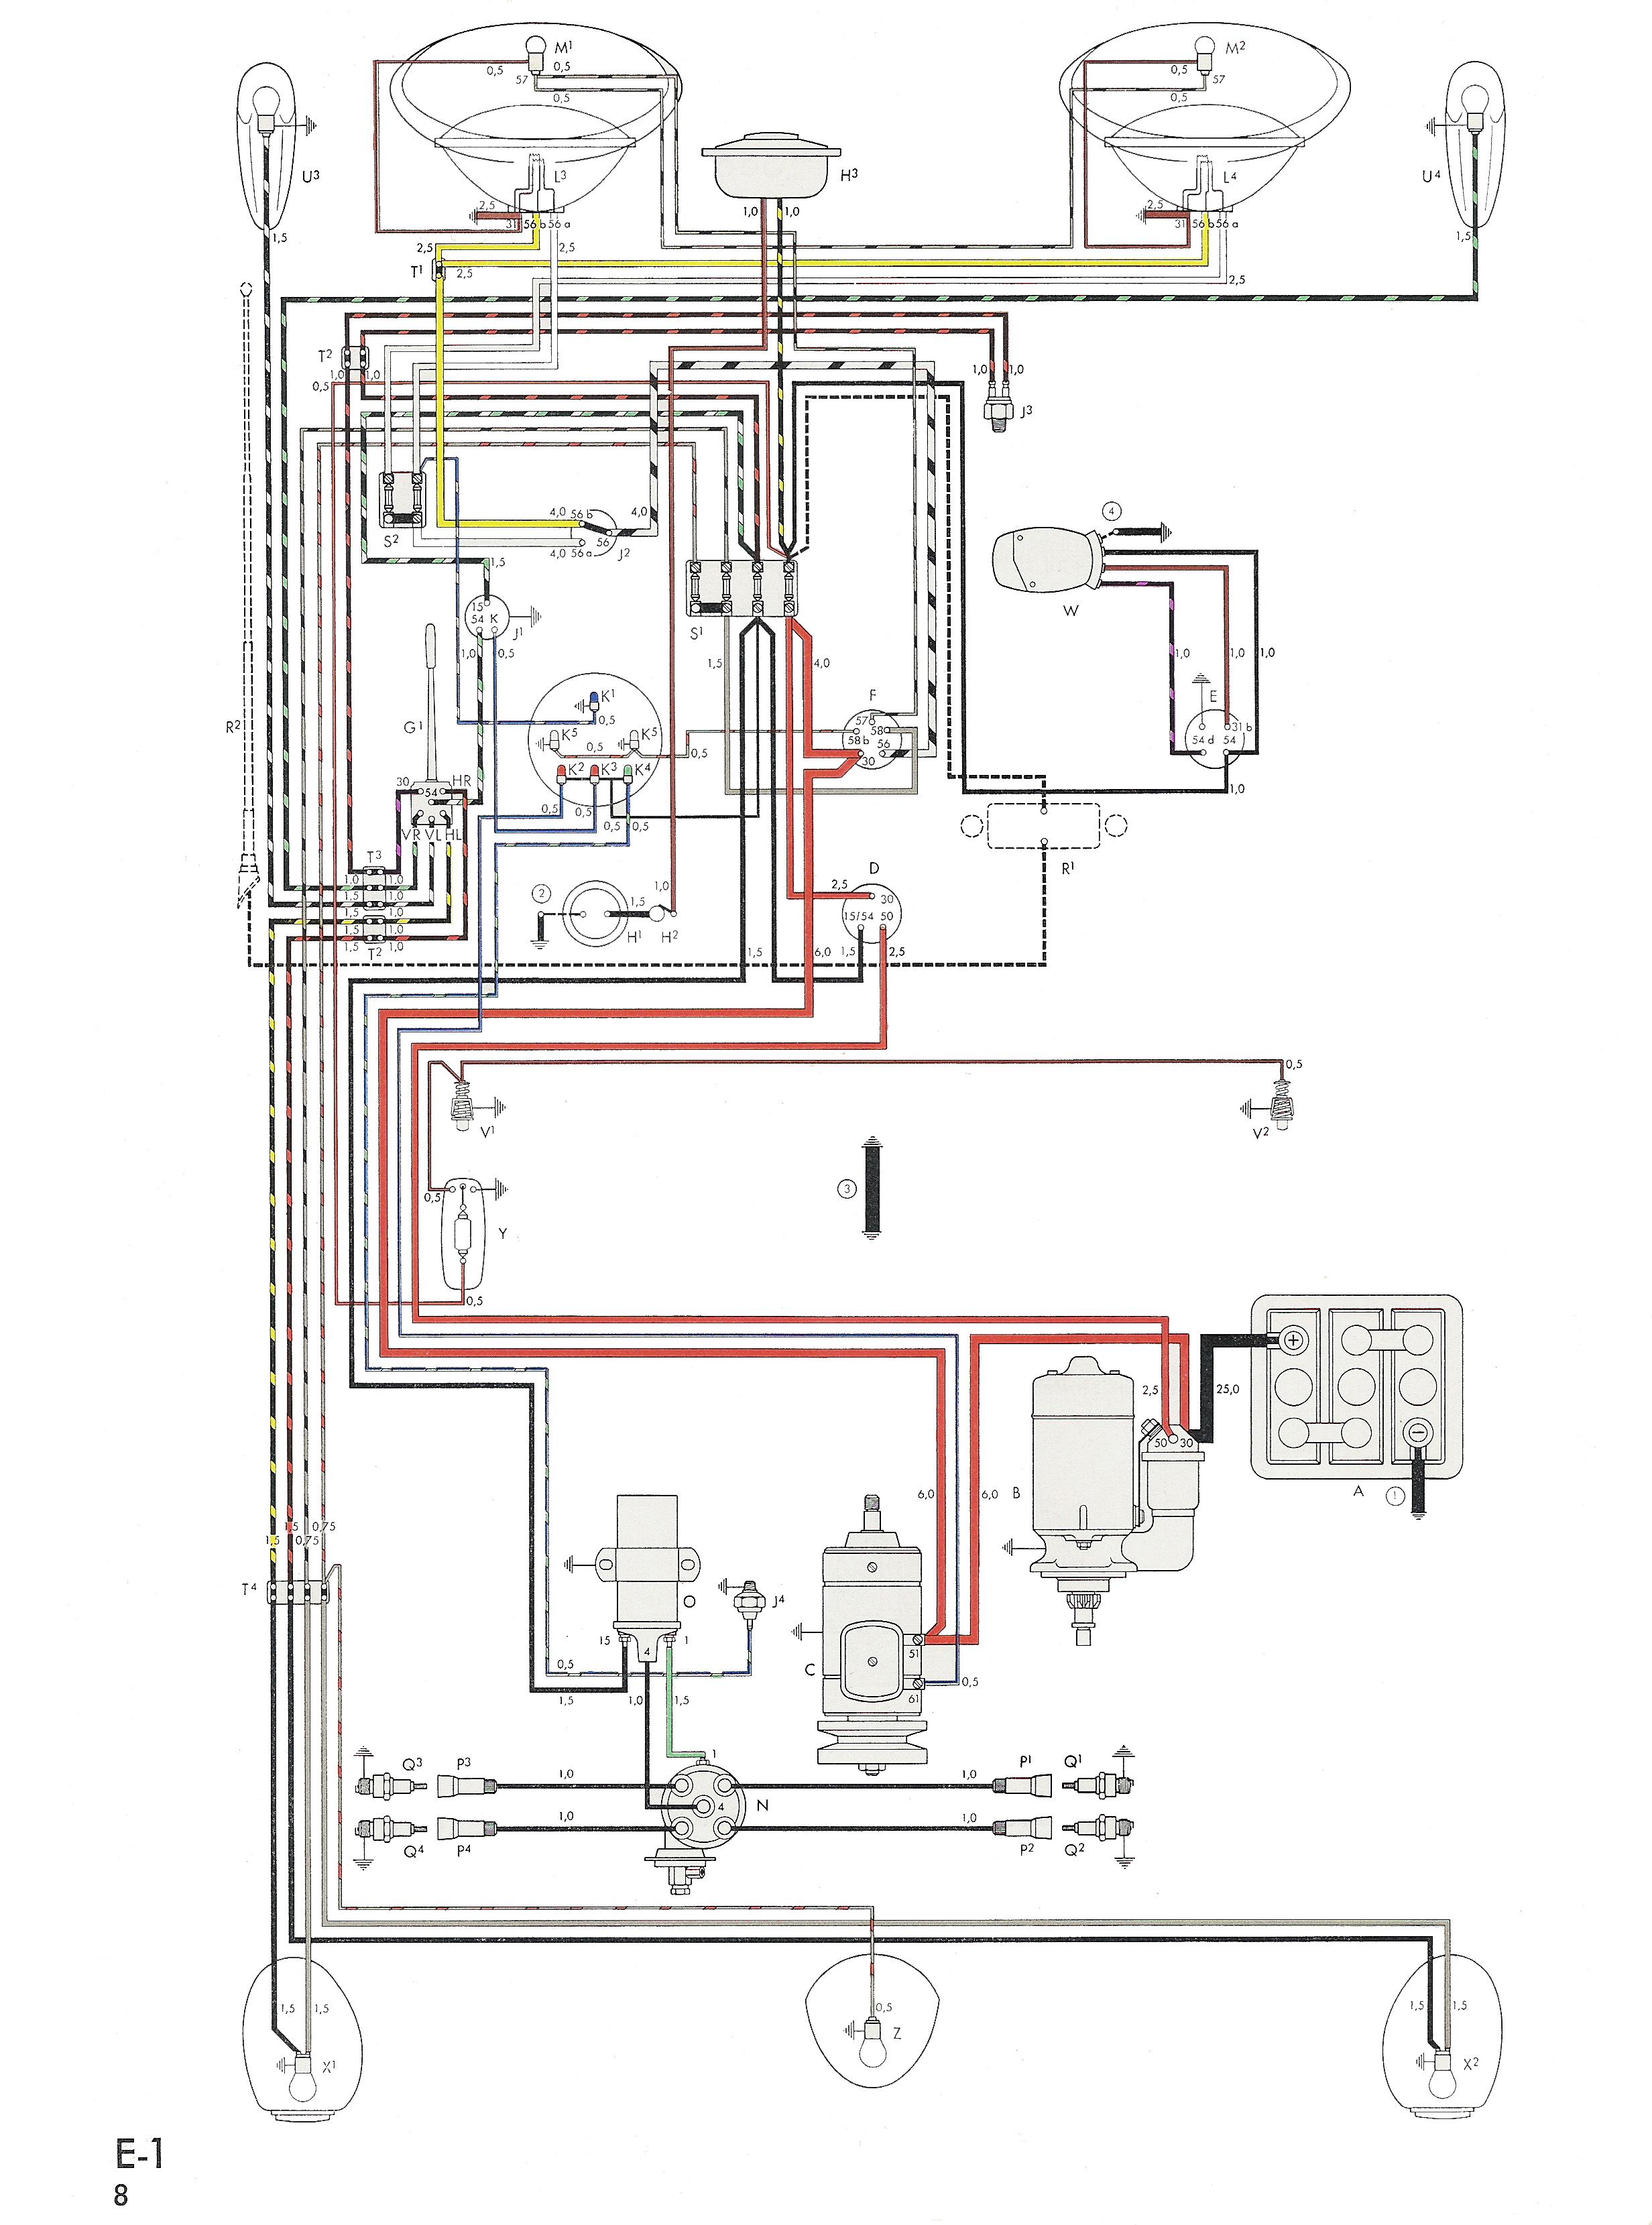 1975 vw beetle wiring diagram rh homesecurity press